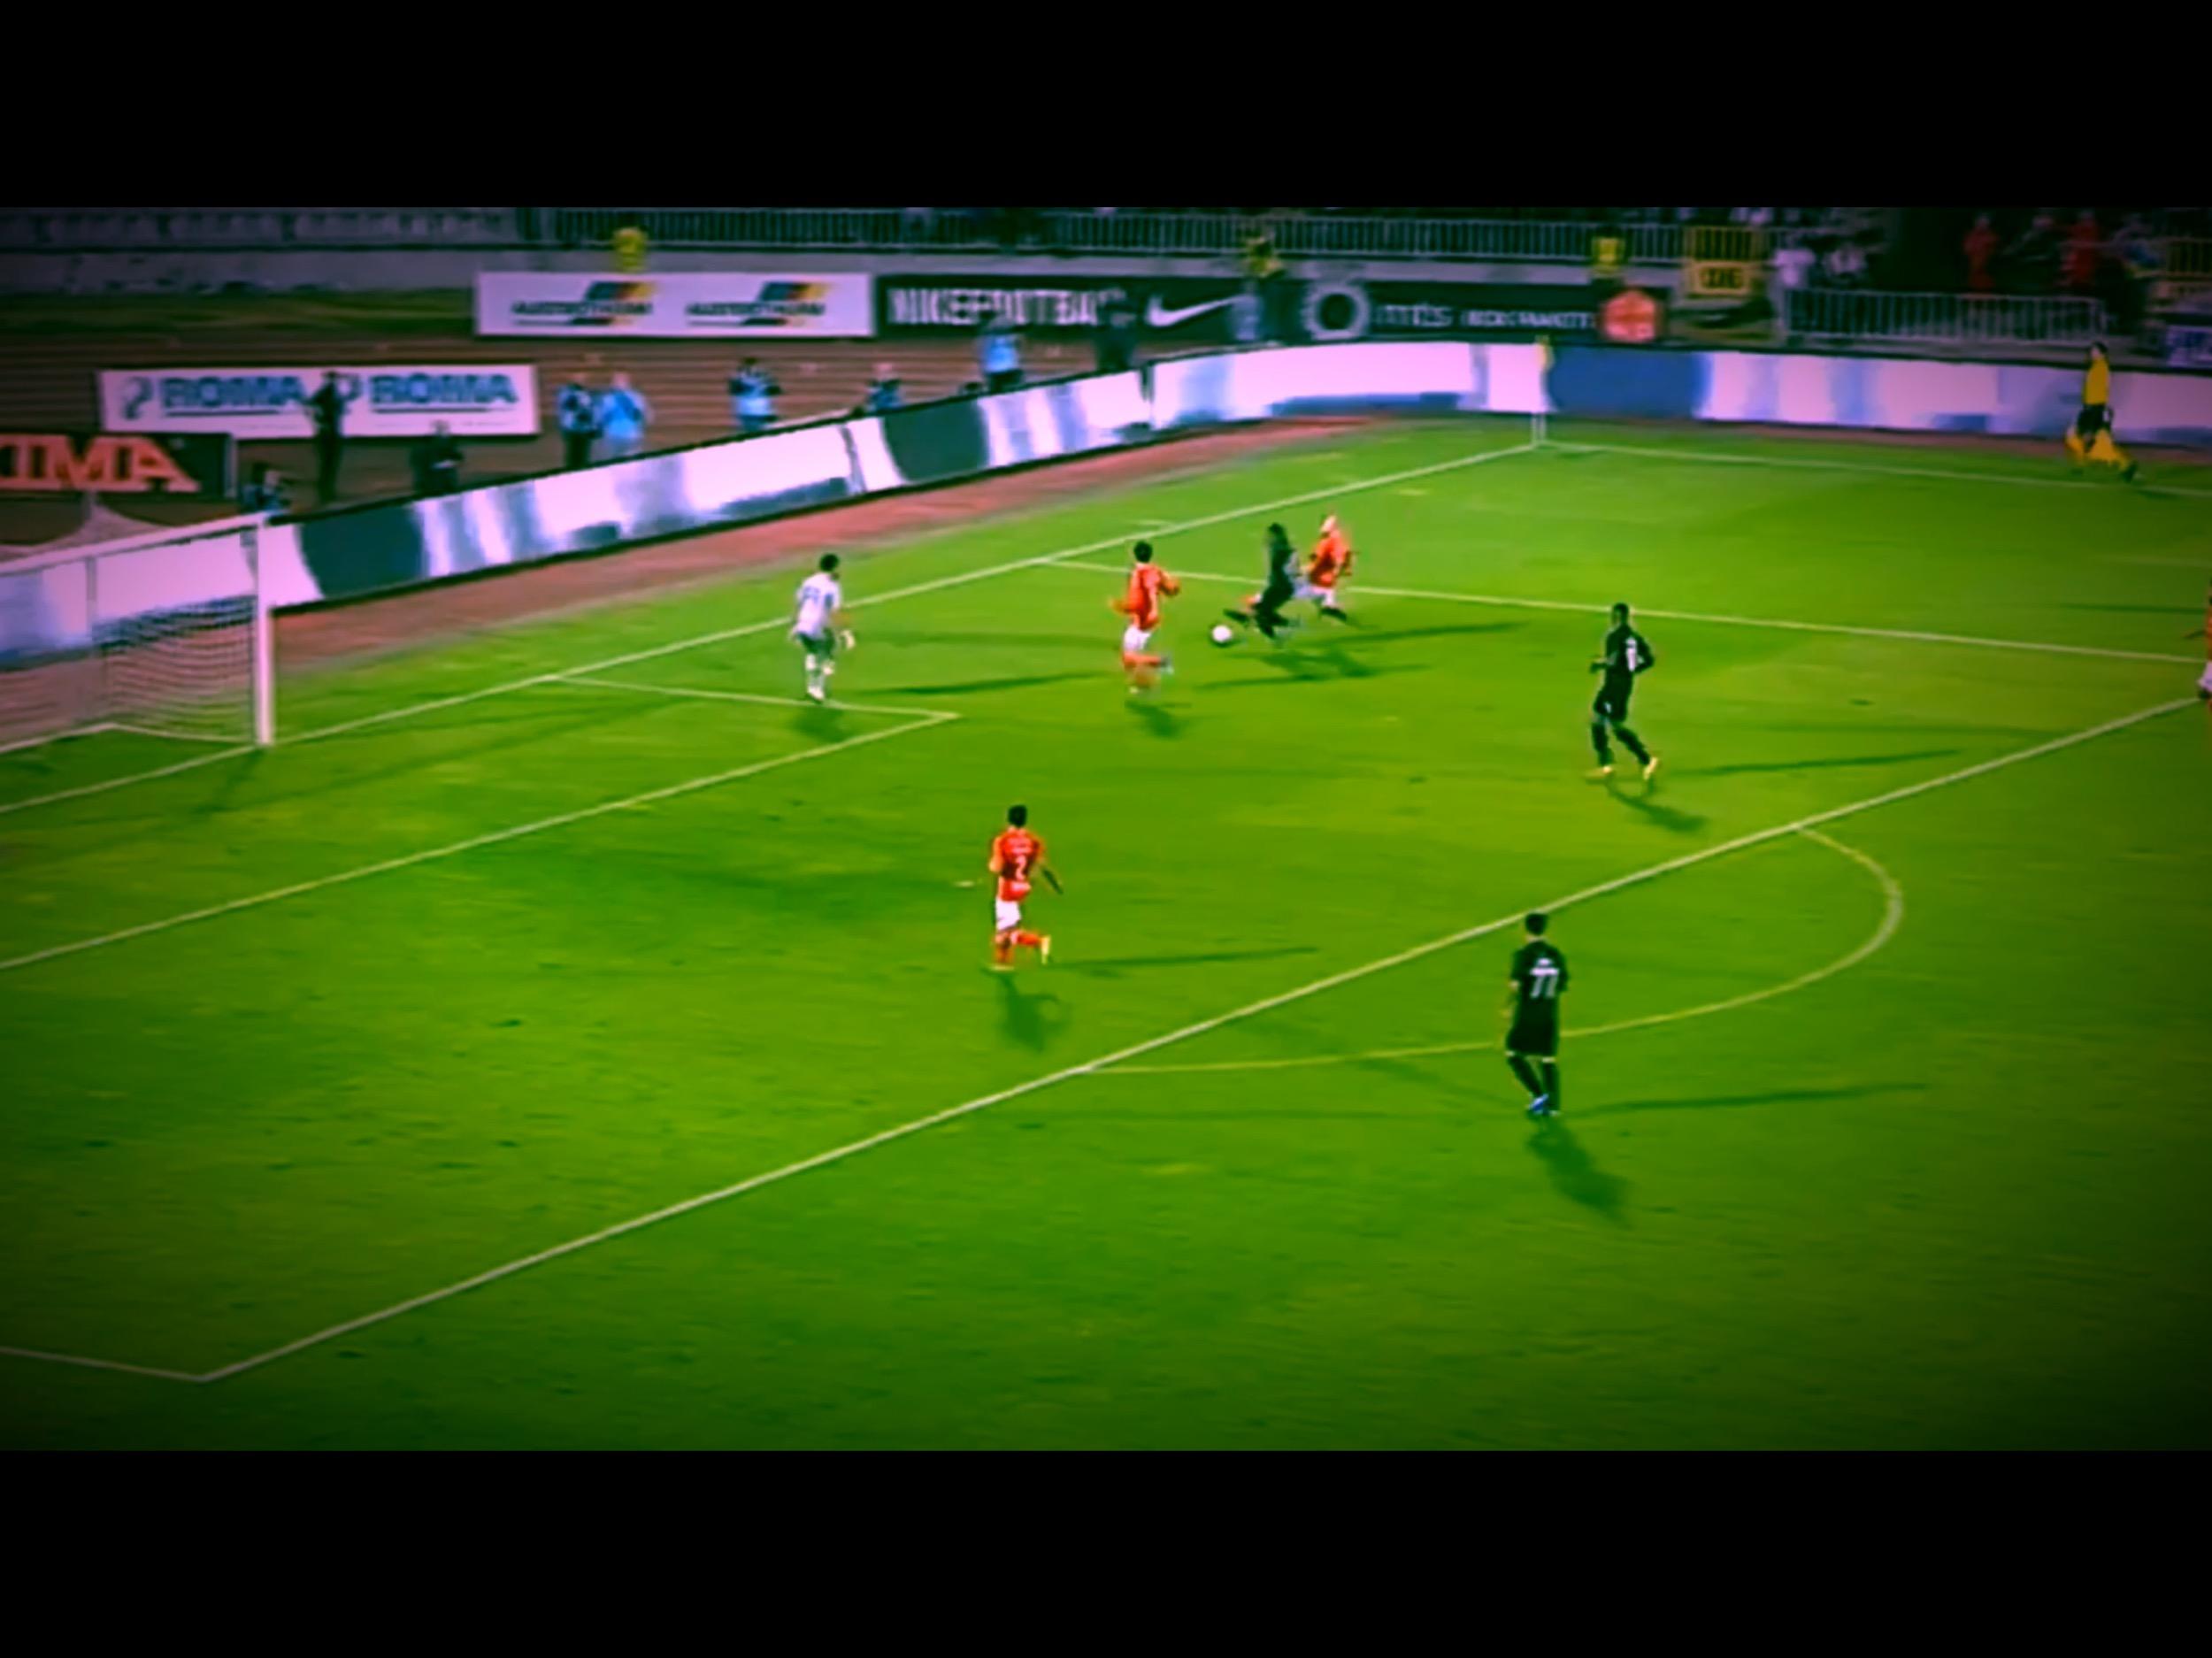 Izveštaj: Partizan-Santa Klara 2:0. Pobeda uprkos svemu za opstanak Partizana! (VIDEO)